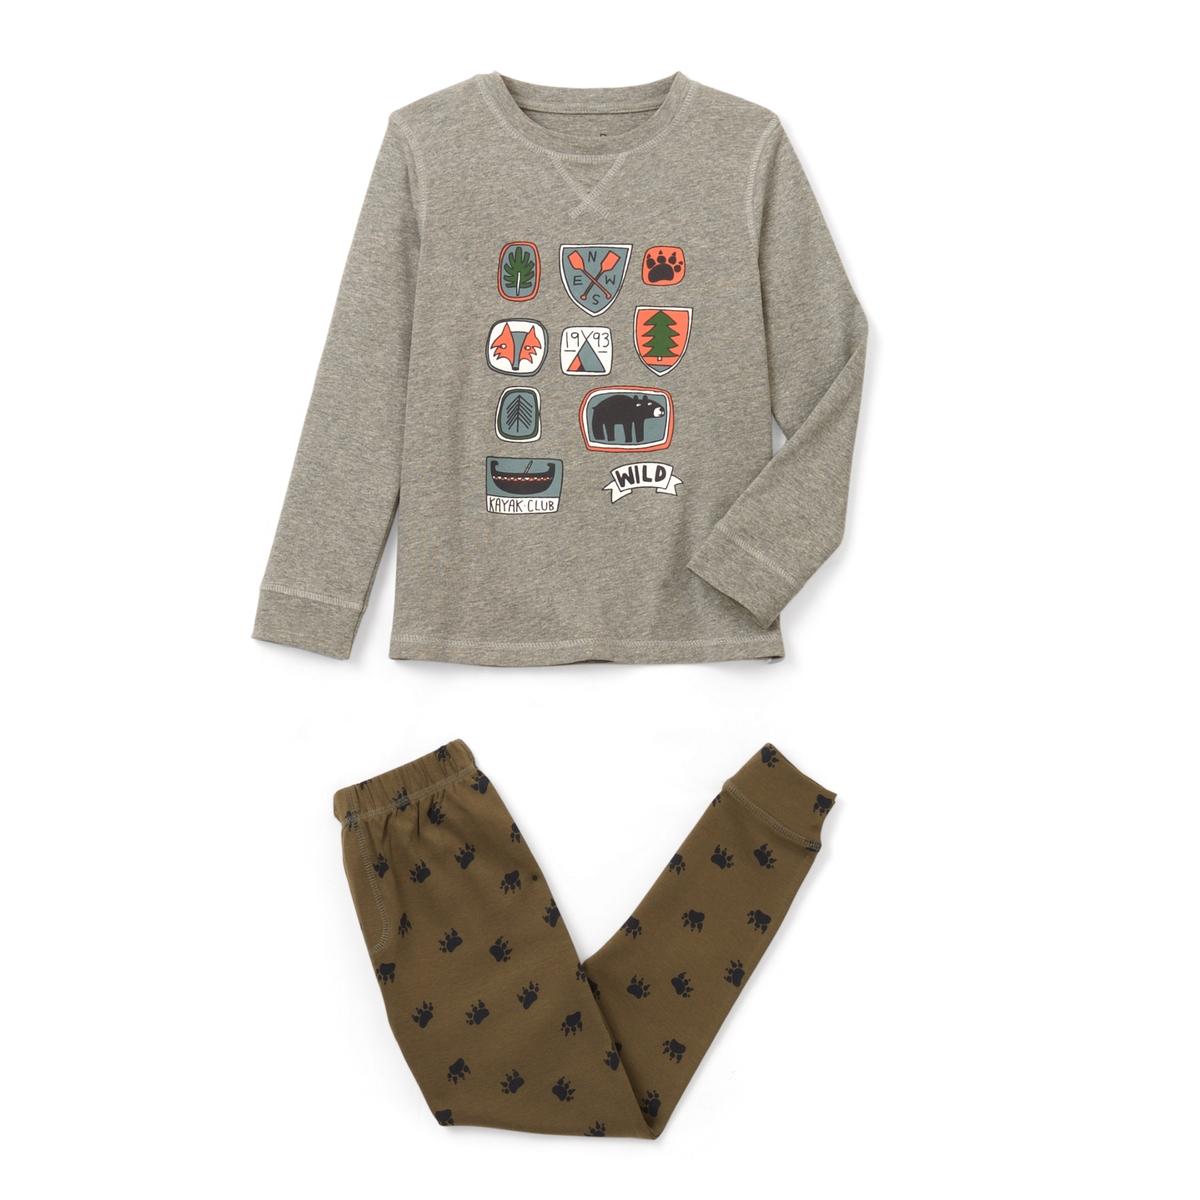 Пижама с принтом бейджи 2-12 летПижама состоит из футболки с длинными рукавами с рисунком бейджи спереди . Брюки с принтом паста на эластичном поясе . Ложная планка застежки на молнию. Низ брючин связан в рубчик.Состав и описание :    Материал       Джерси 85% хлопка, 15% вискозы   Уход: - Машинная стирка при 30°C с вещами схожих цветов. Стирать и гладить с изнанки . Машинная сушка в умеренном режиме. Гладить на низкой температуре.<br><br>Цвет: серый/ хаки<br>Размер: 12 лет -150 см.8 лет - 126 см.5 лет - 108 см.4 года - 102 см